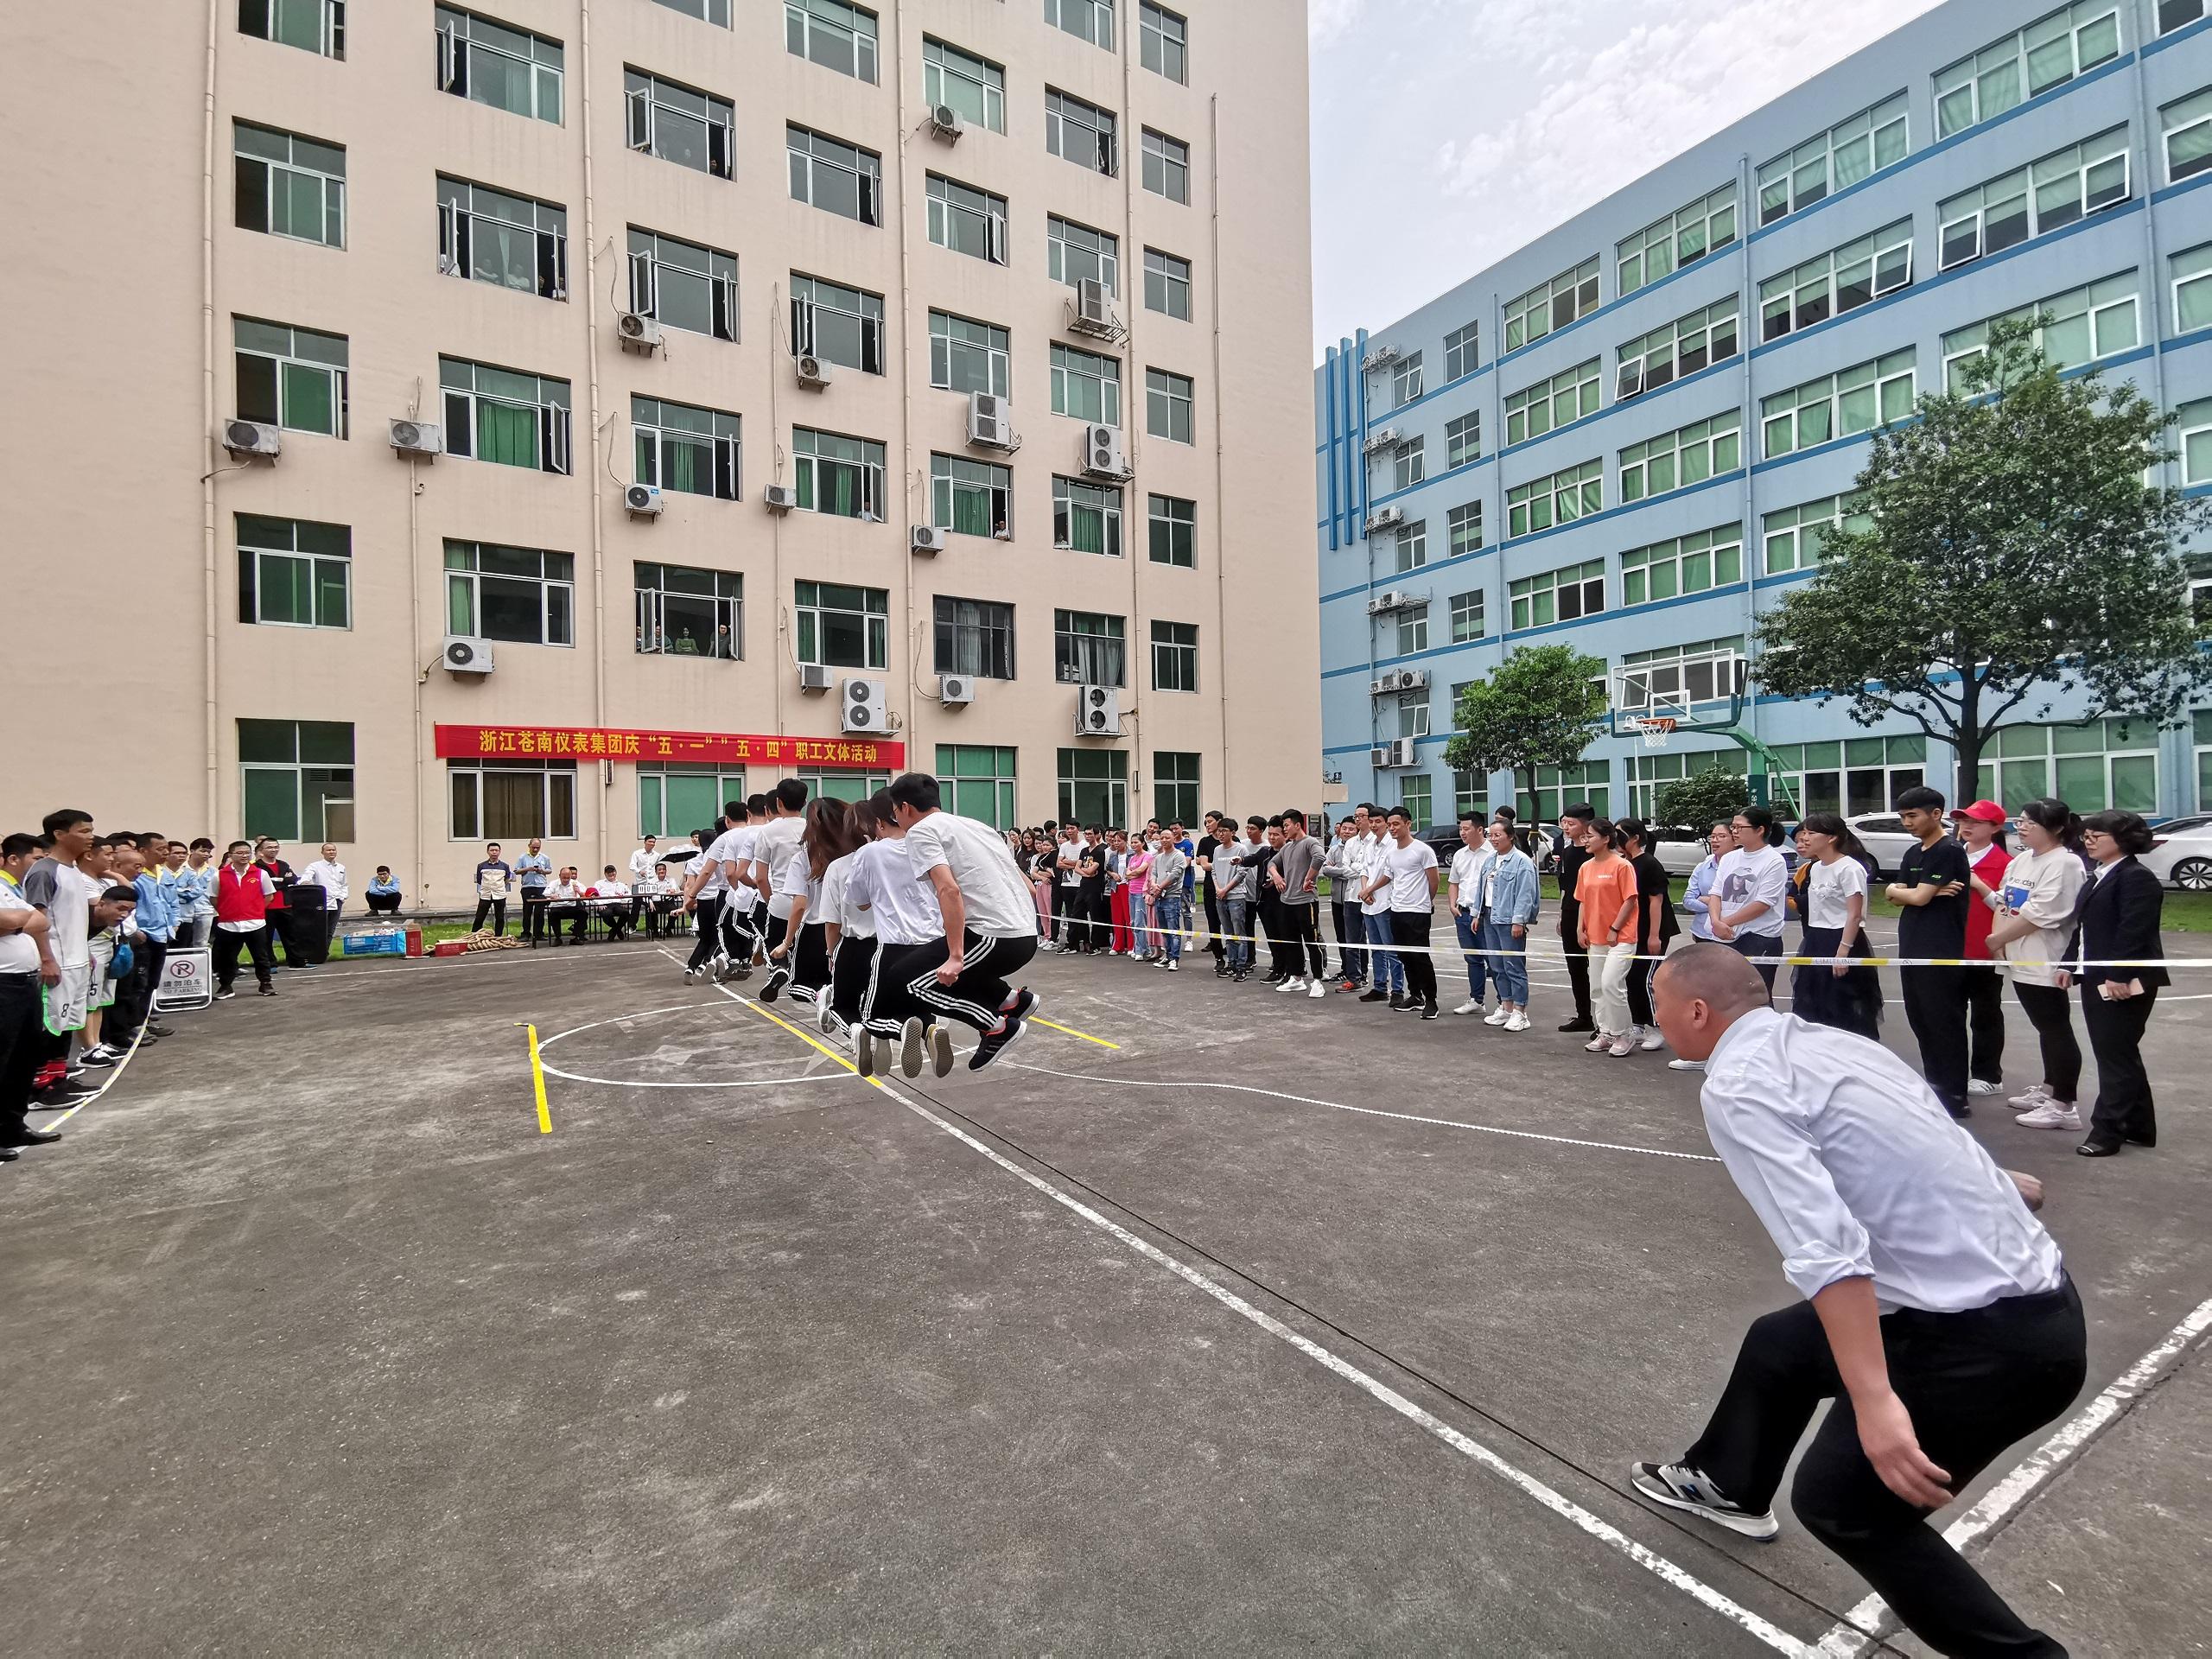 集体跳绳比赛